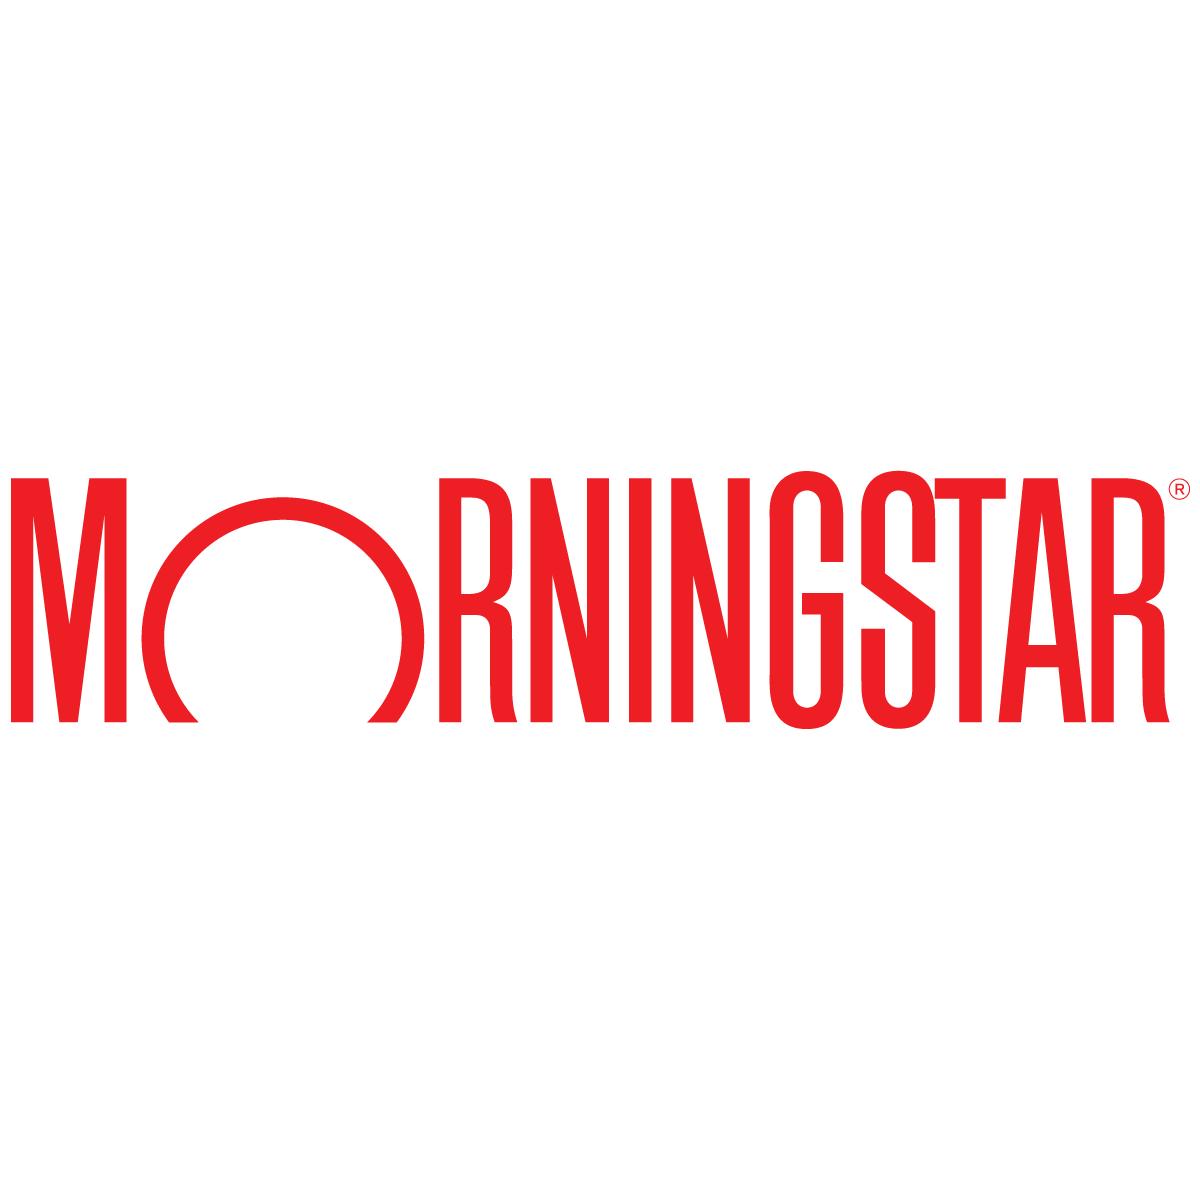 Morningstar Inc._logo